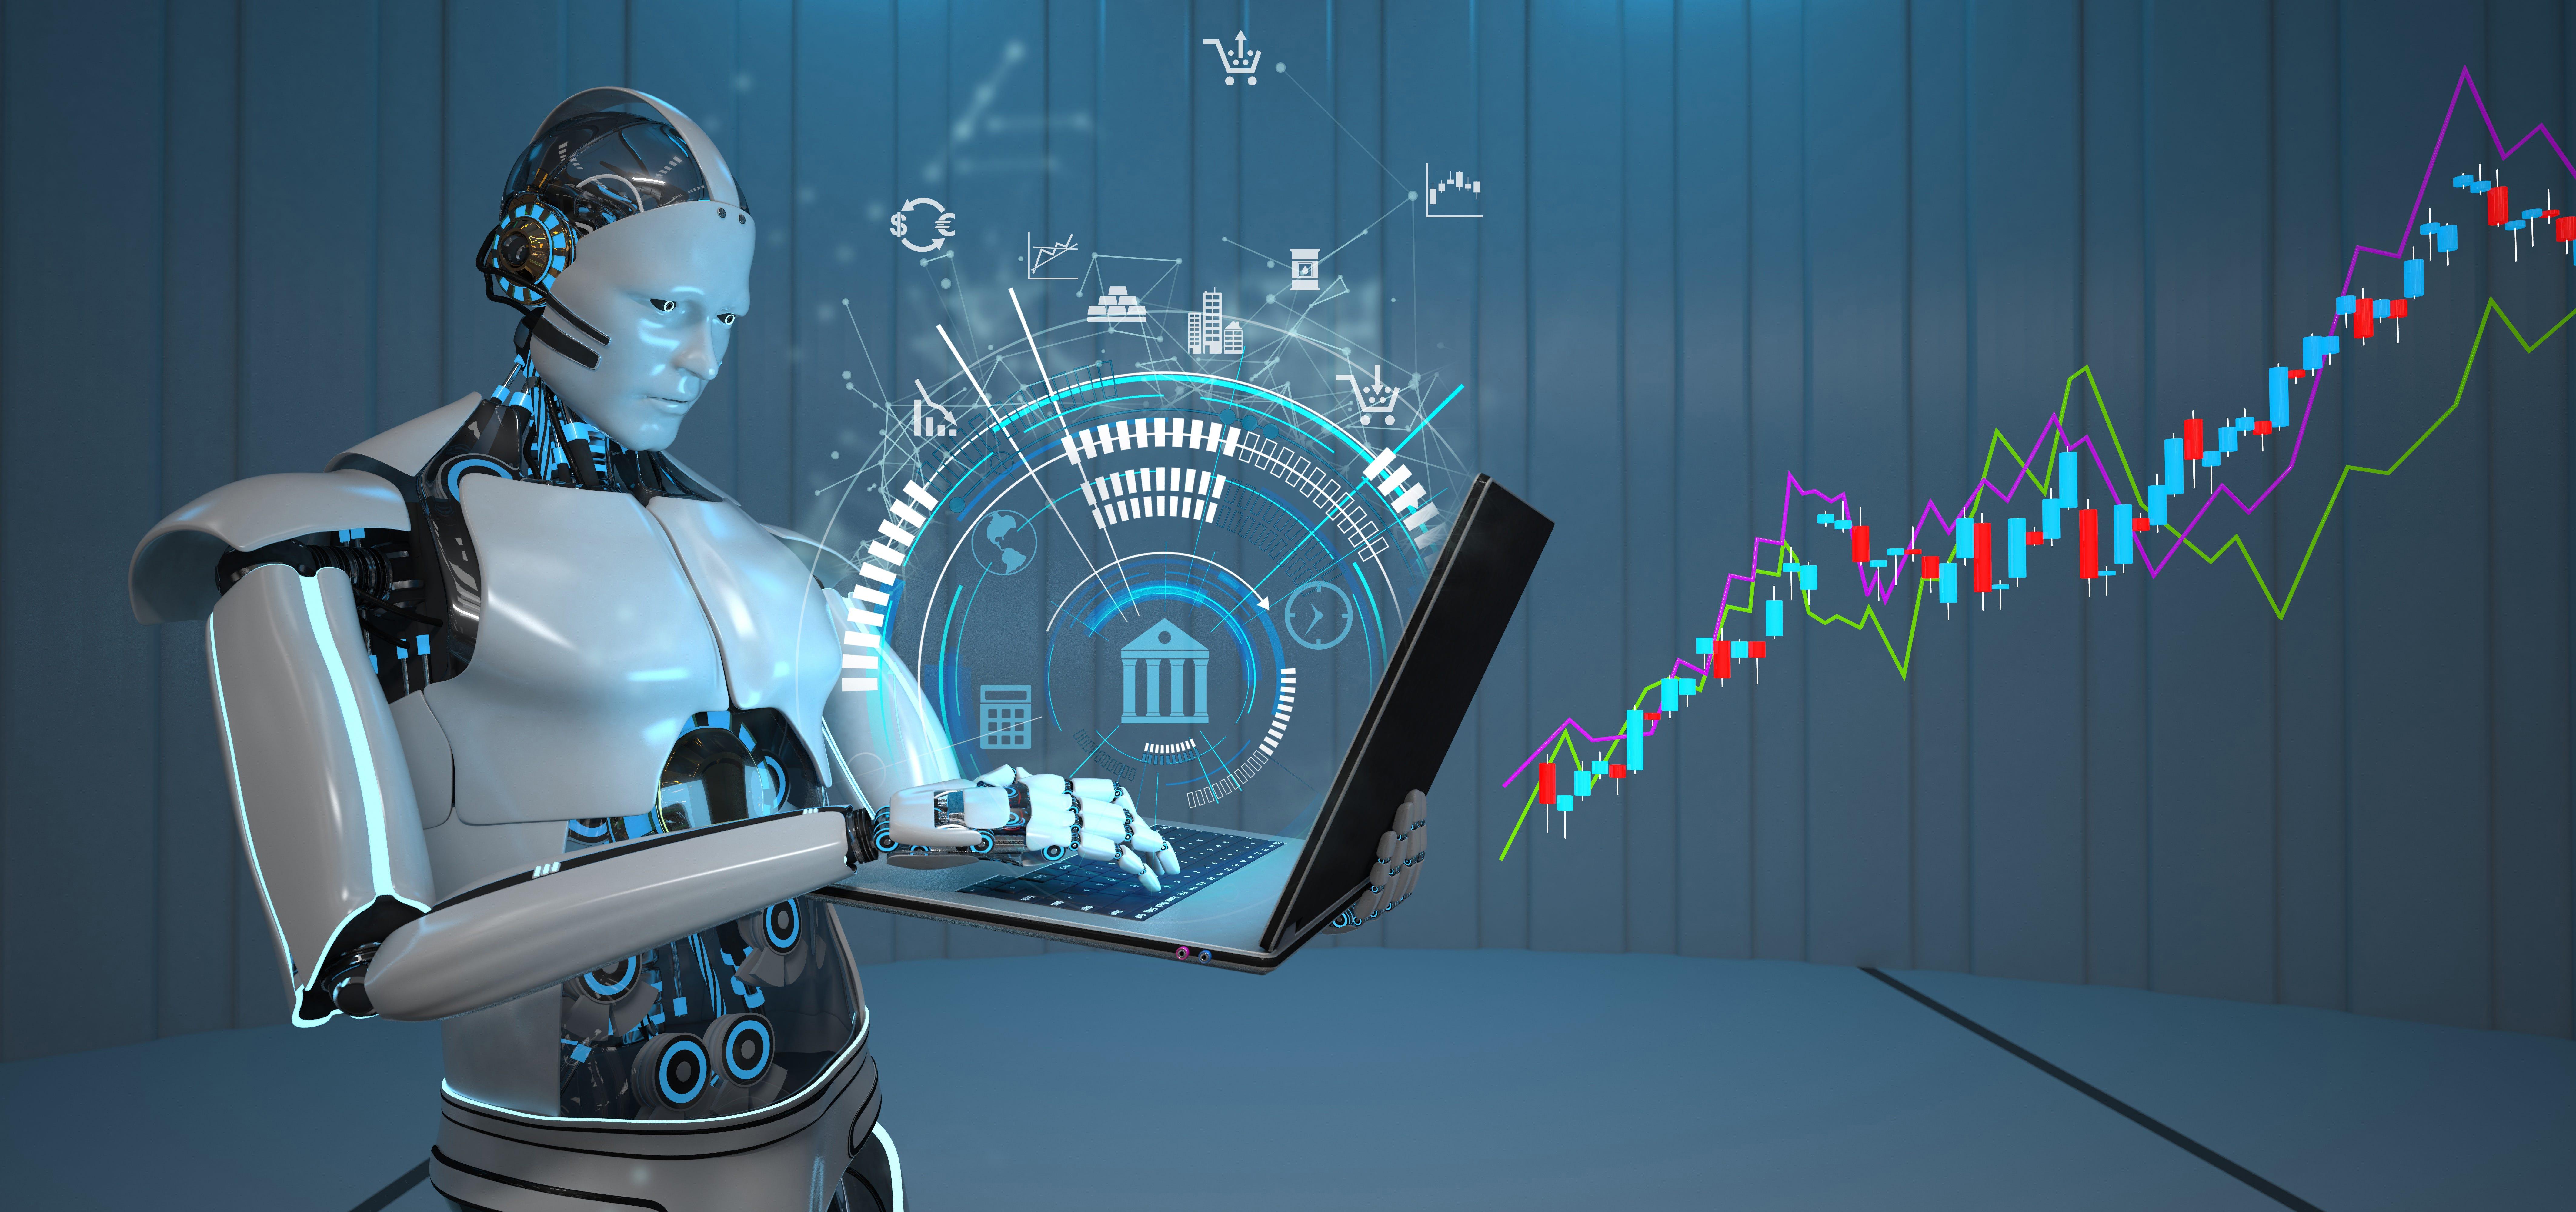 automated cryptocurrency trading system biržoje prekiaujamų akcijų pasirinkimo sandorių ypatybės